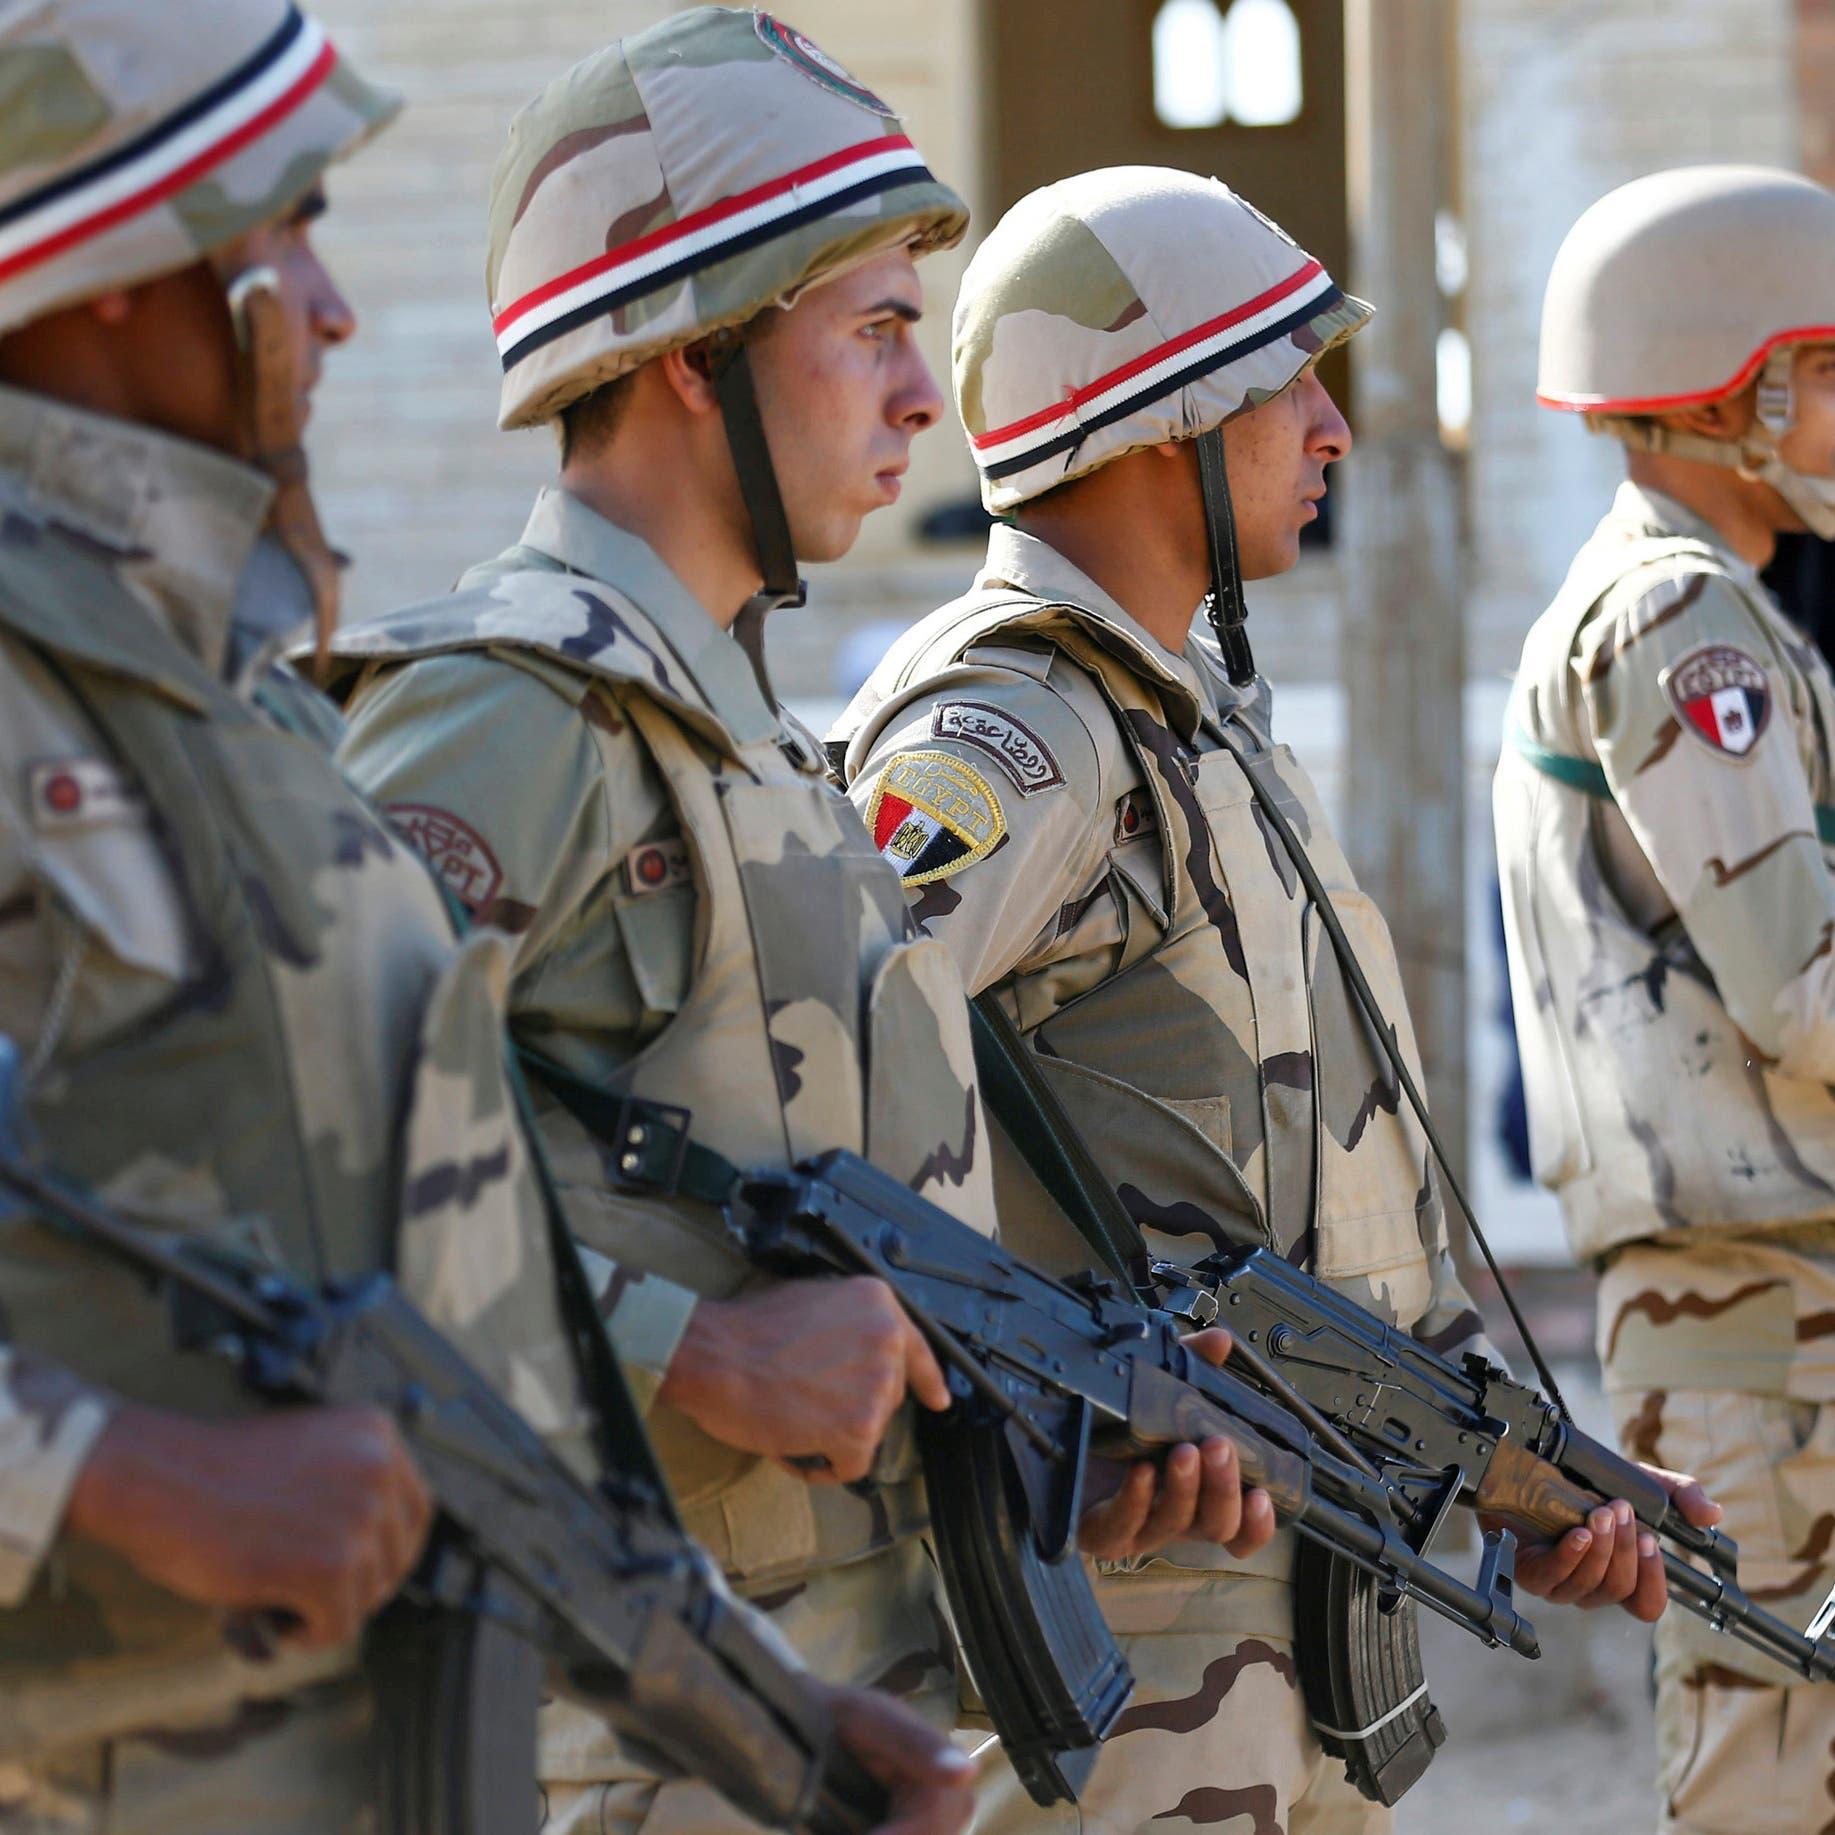 مصر.. الجيش يصفي 13 إرهابياً خلال مواجهات في سيناء